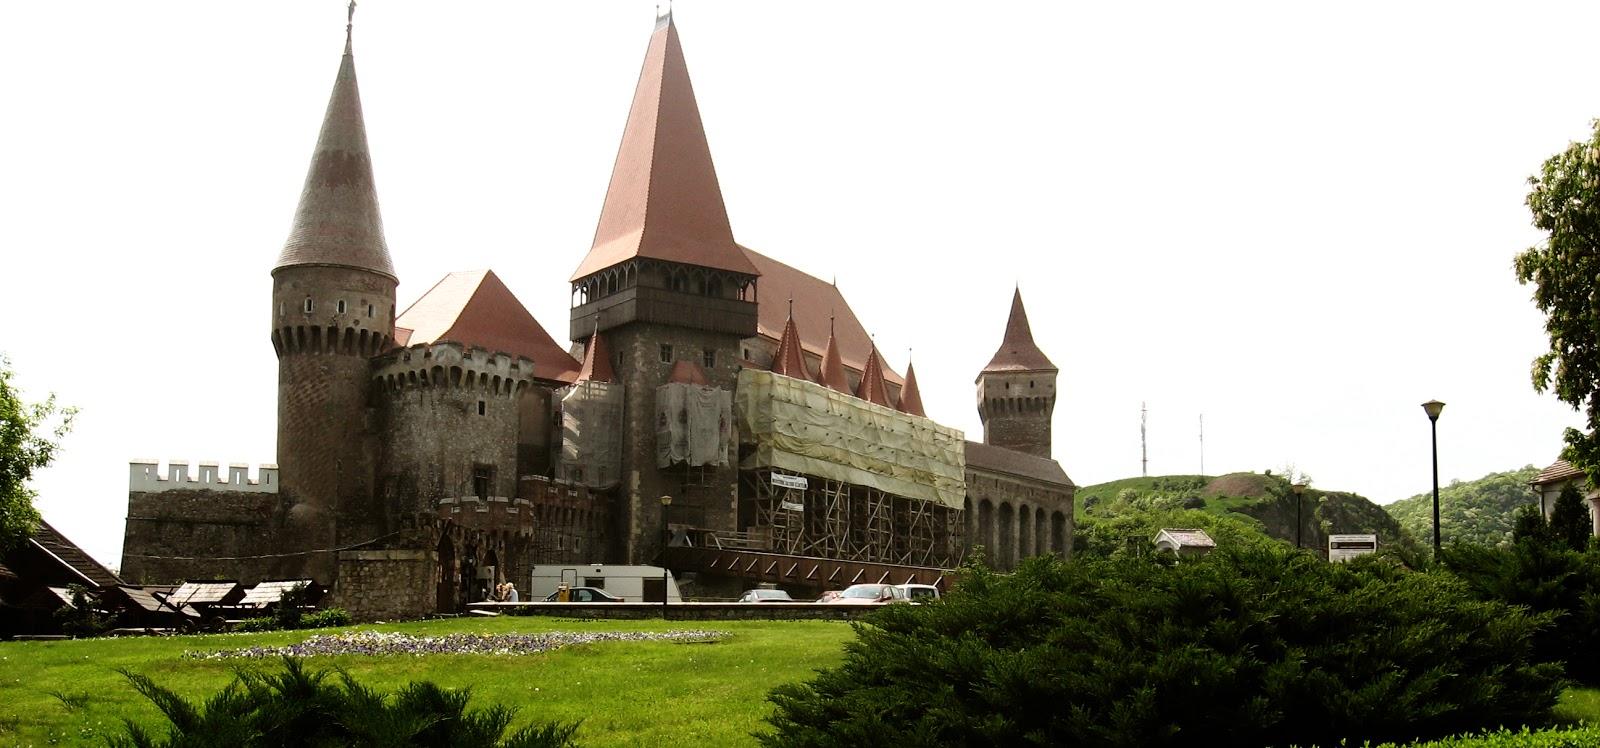 Obiective turistice in Romania Castelul Huniazilor sau Cetatea Hunedoara imageanchor=